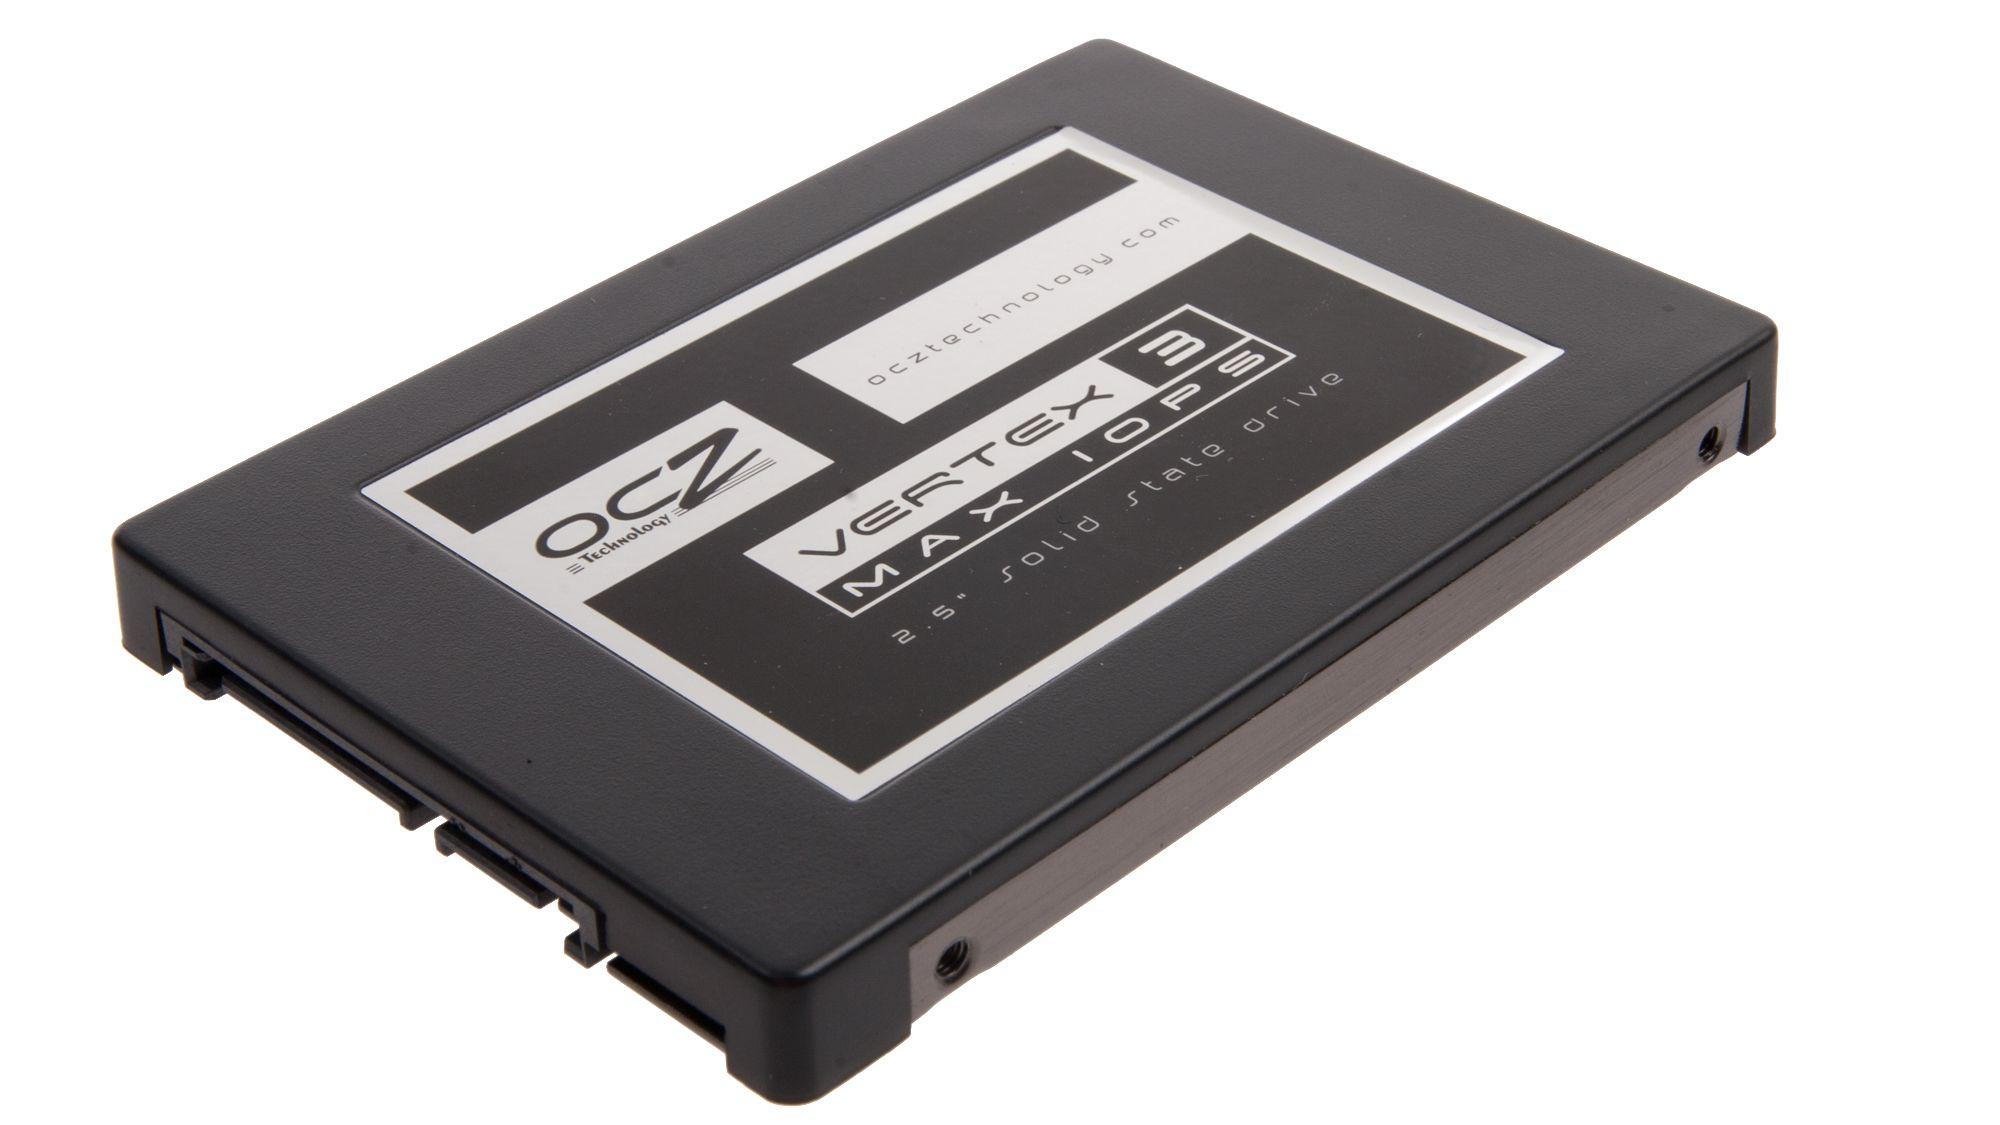 OCZ Vertex 3 MAX IOPS 240 GB